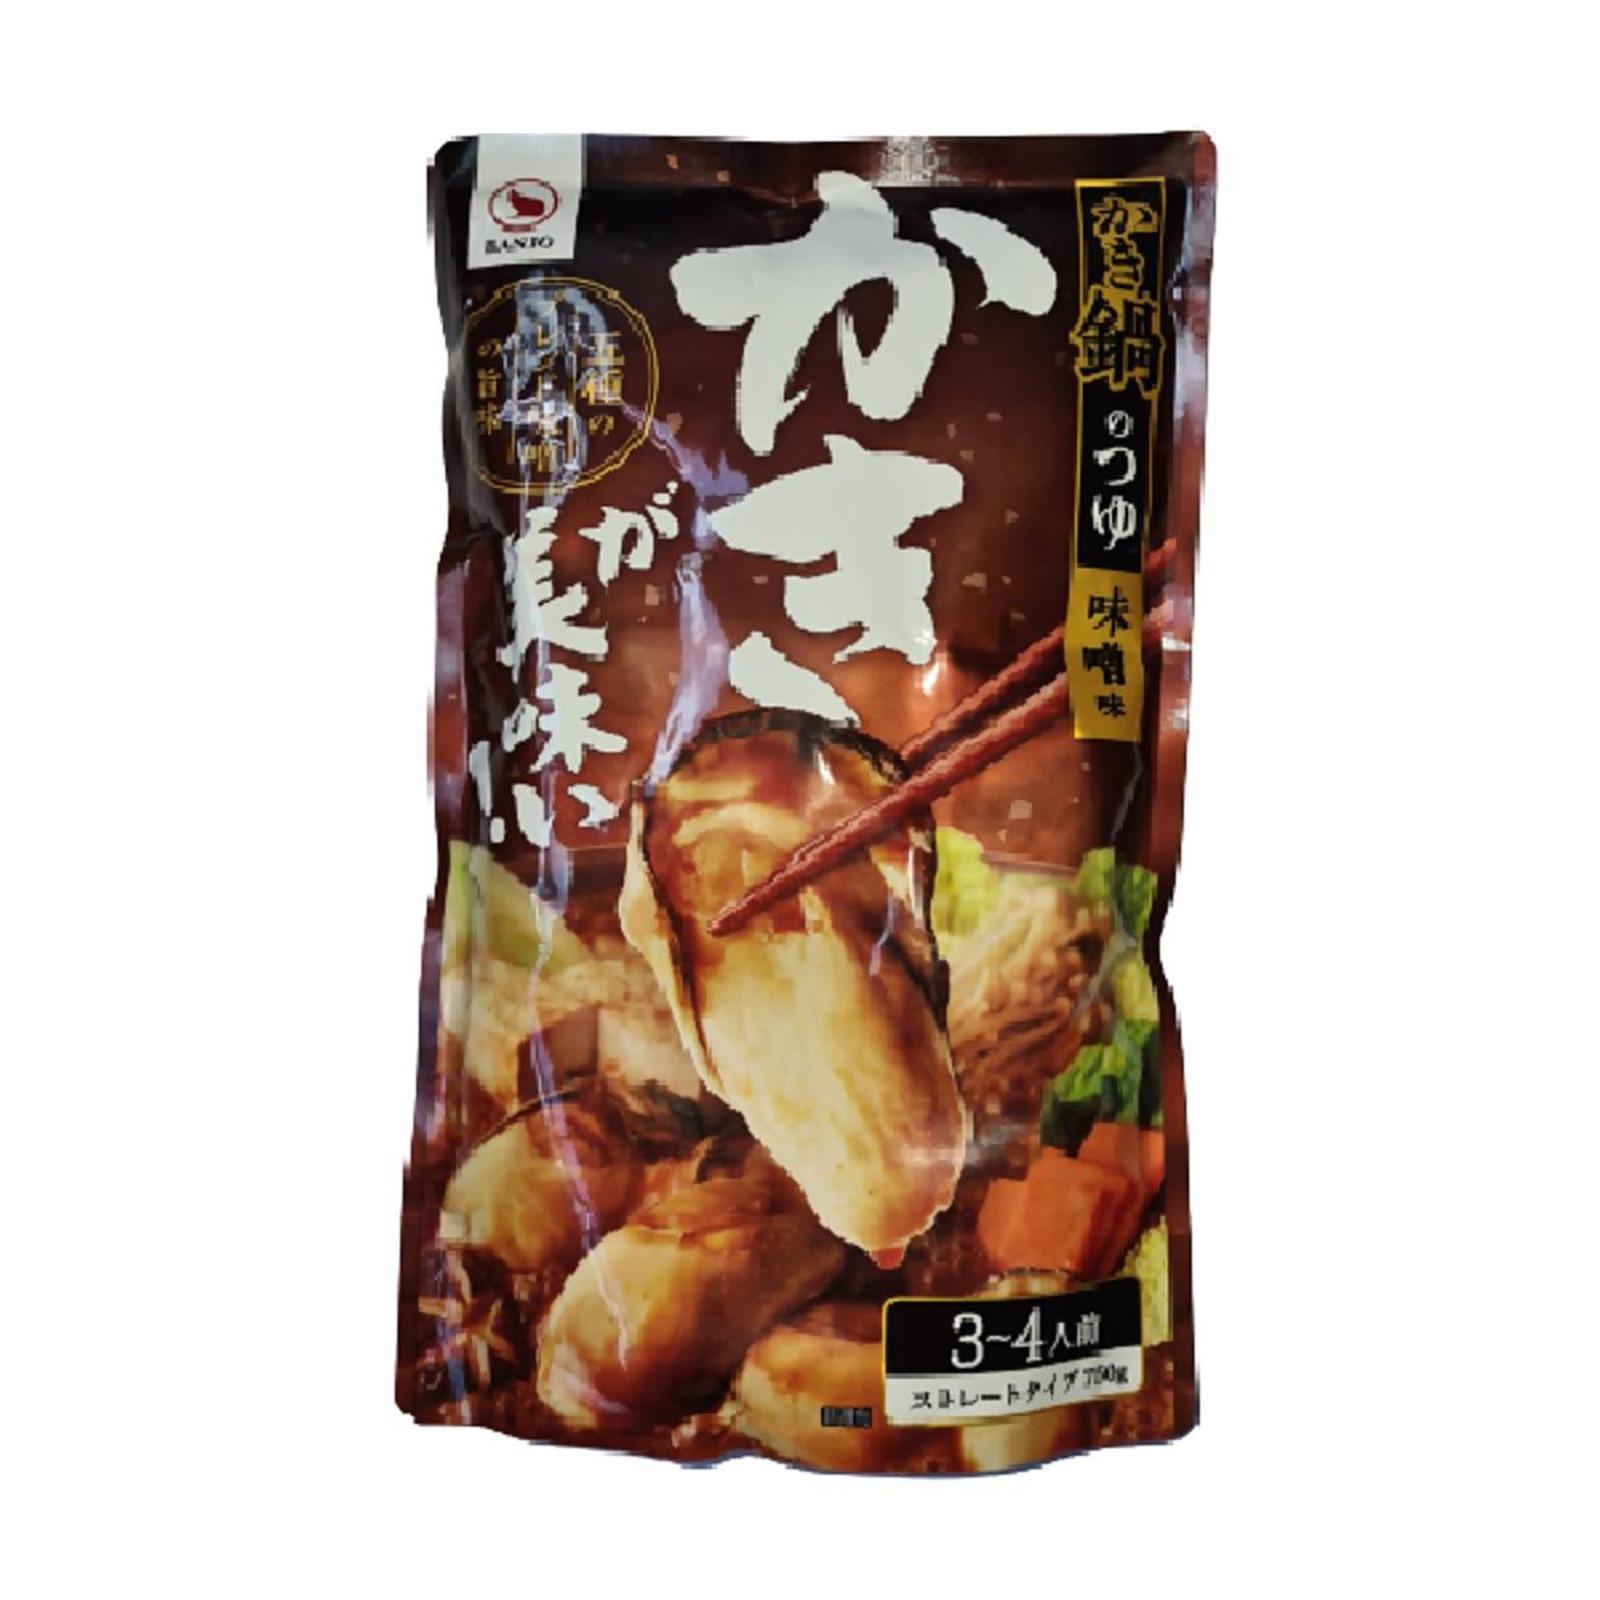 Banjo Kaki Nabe No Tsuyu Delicious Oyster Hotpot Base